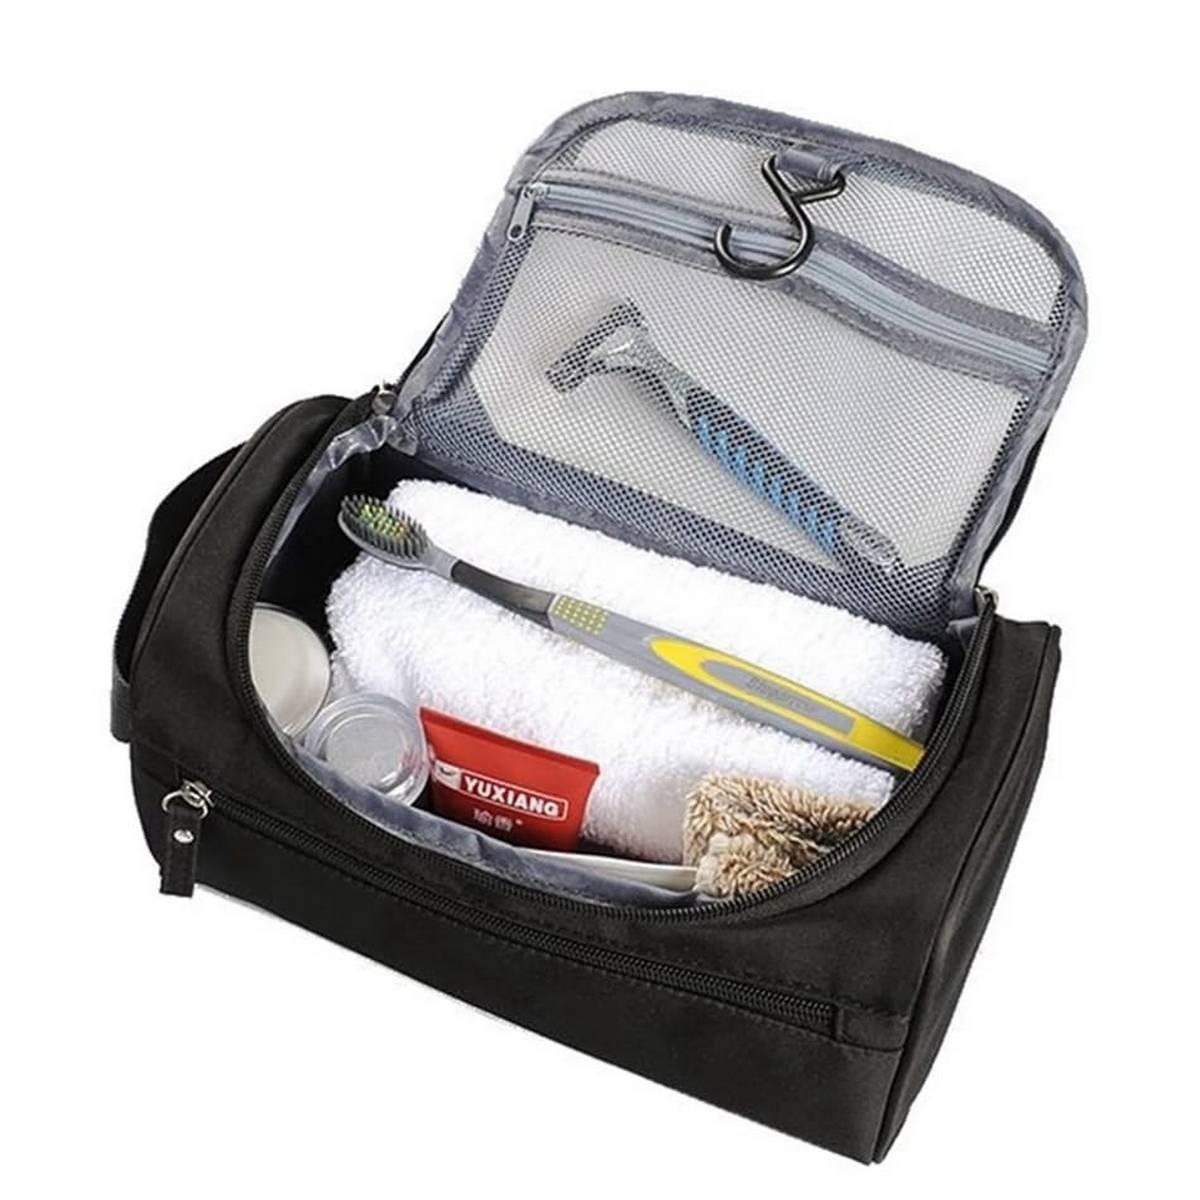 Multi Purpose Use For Travel Bag Waterproof Bag Luggage Shoulder Bag Traveling Bag Sport Bag Fitness Bag Gym Bag For Men Women